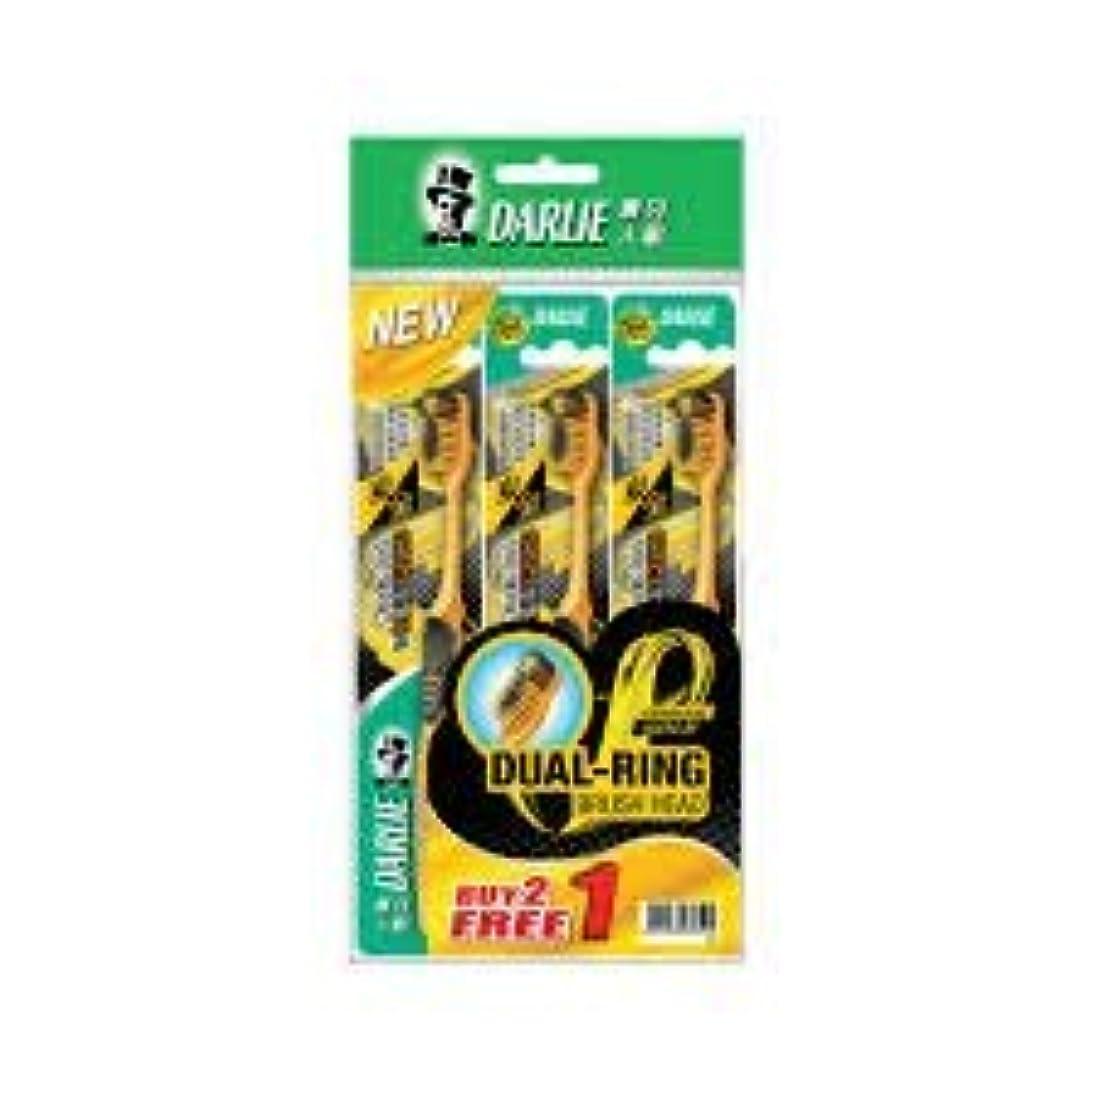 誠意に対して道徳のDARLIE 炭の歯ブラシb2f1 - ビス - ヘッドデザイン、深いクリーニングとプラークの蓄積を防止する押えリング